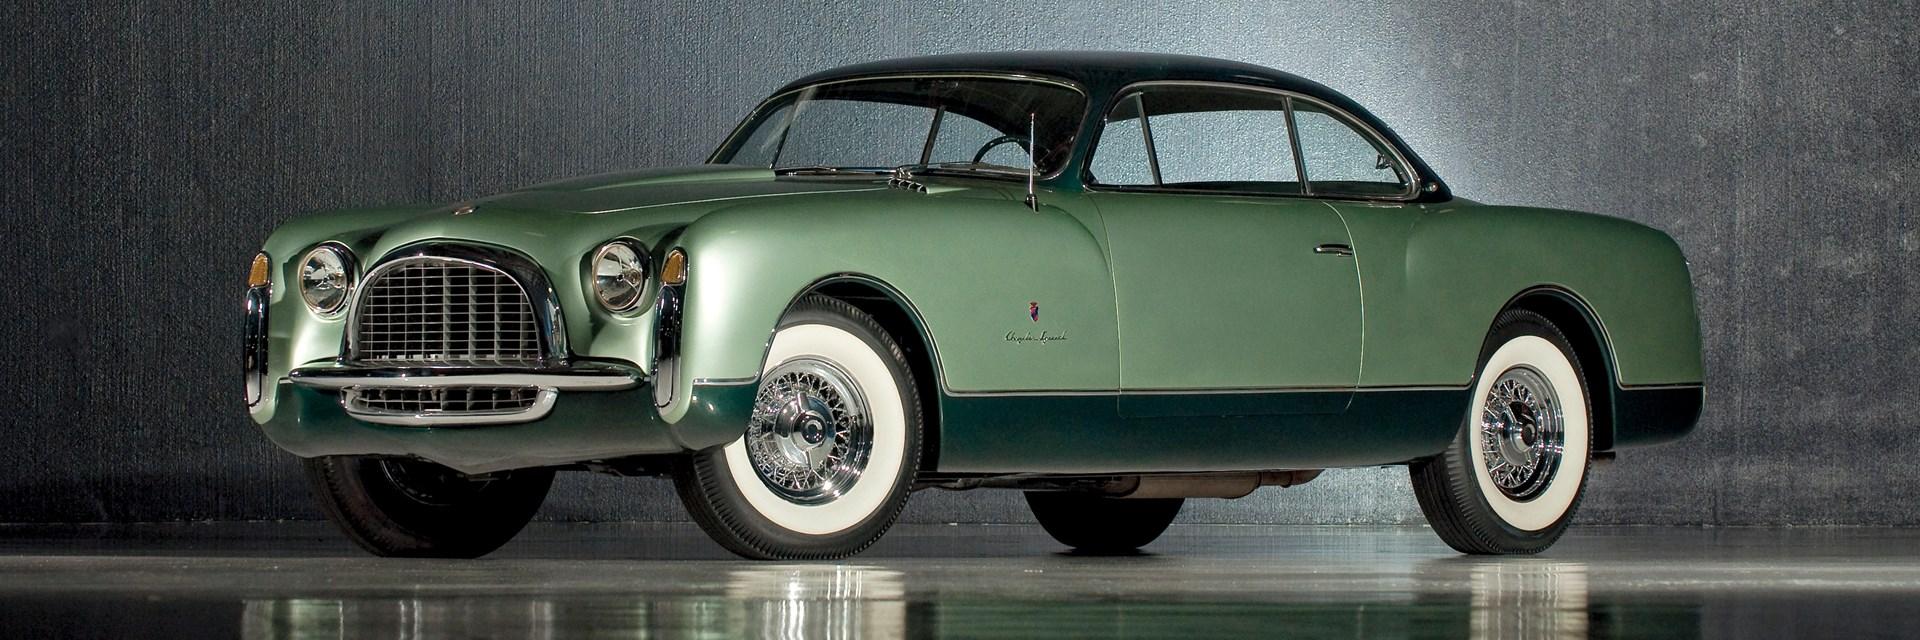 Vintage Motor Cars of Meadow Brook